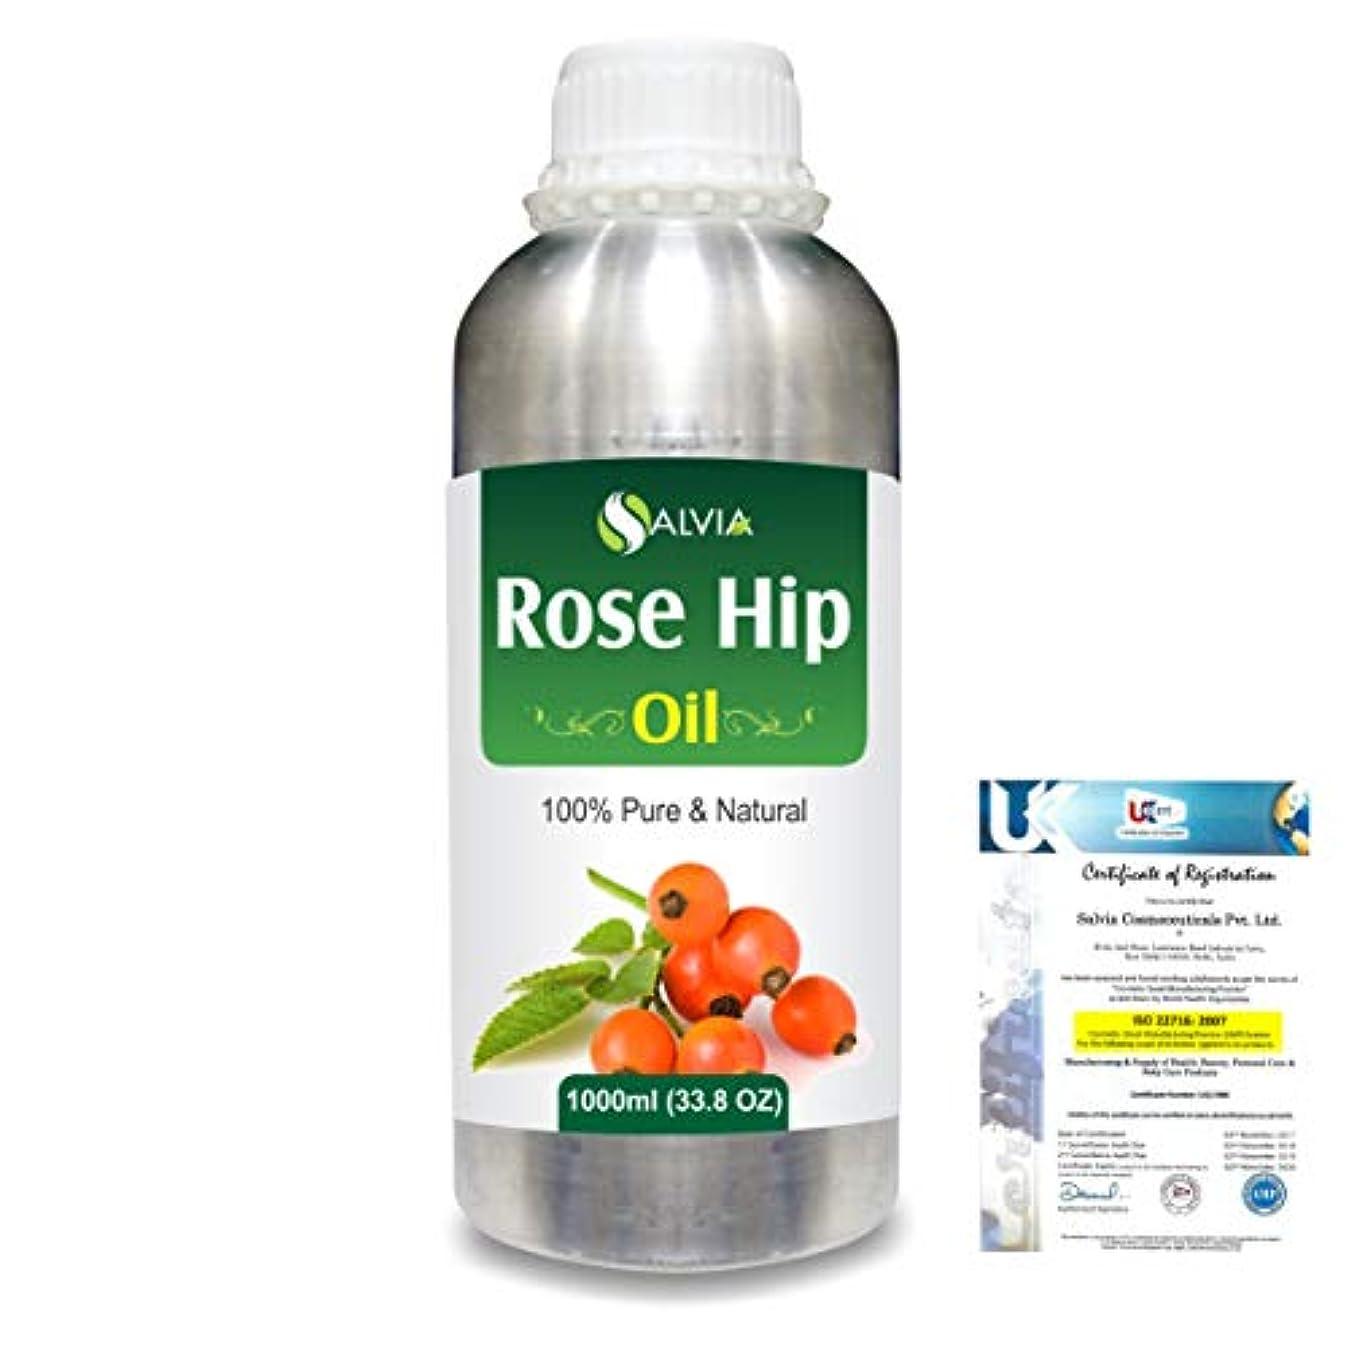 試みる追加する余裕があるRose Hip (Rosa moschata) Natural Pure Undiluted Uncut Carrier Oil 1000ml/33.8 fl.oz.